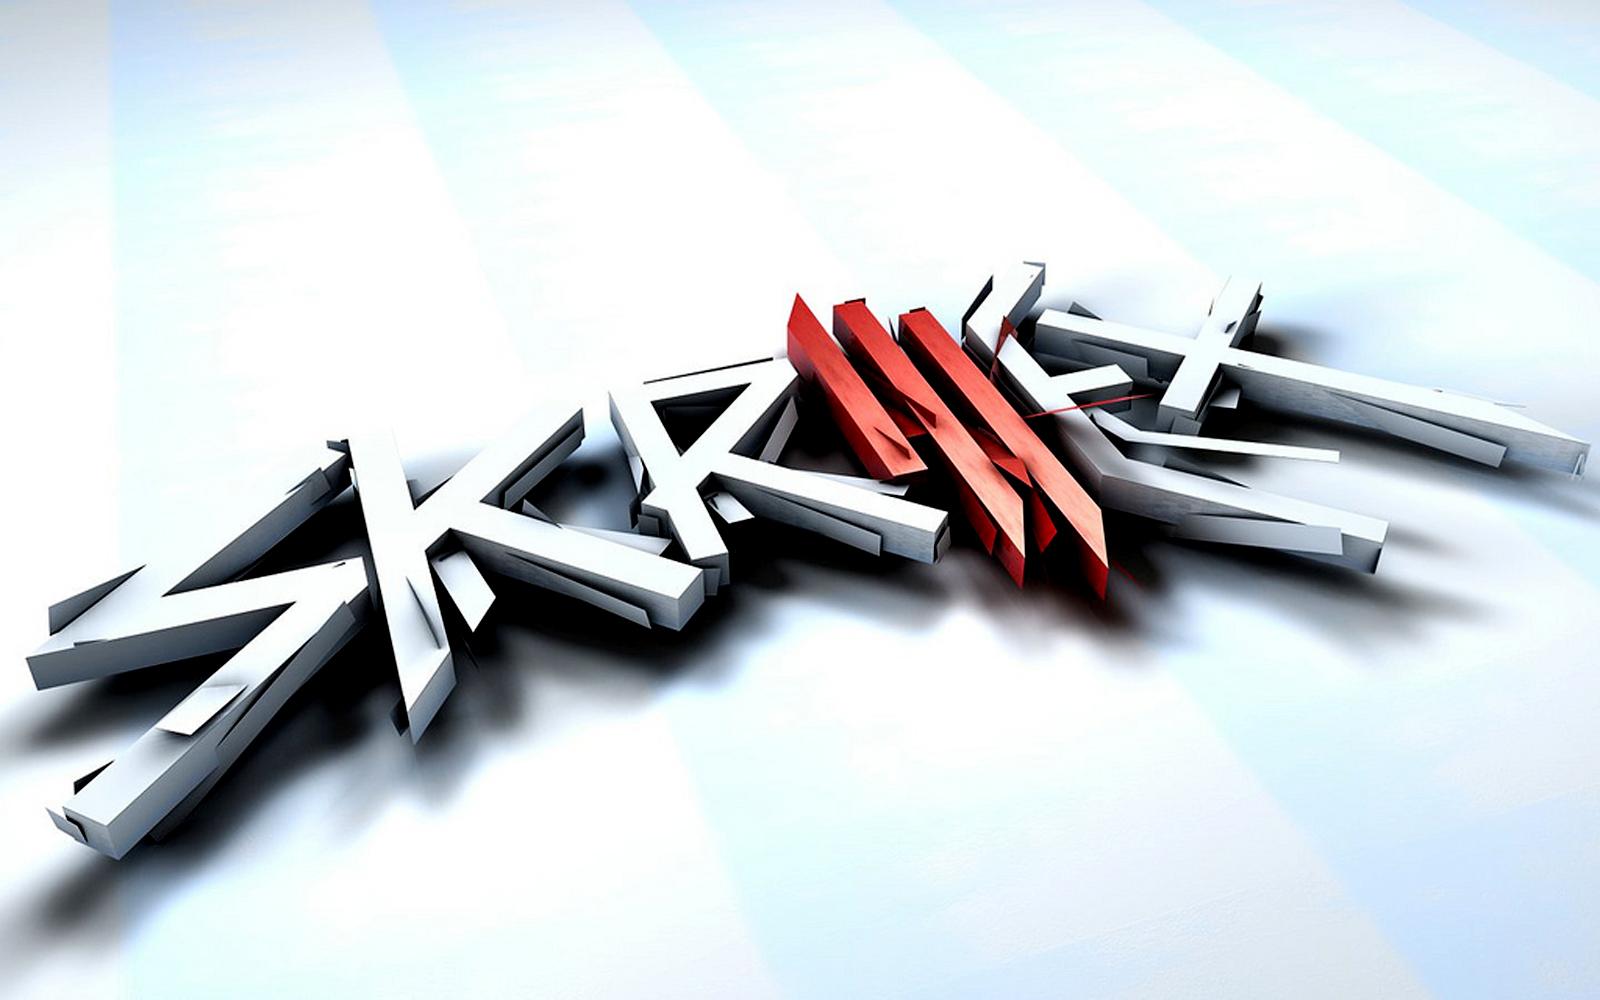 http://2.bp.blogspot.com/-Vz_Uc4A7jFg/UBXkfwFtBsI/AAAAAAAADM4/pcYO_7HAc48/s1600/Skrillex_3D_Text_Logo_Shadows_HD_Wallpaper-Vvallpaper.Net.jpg